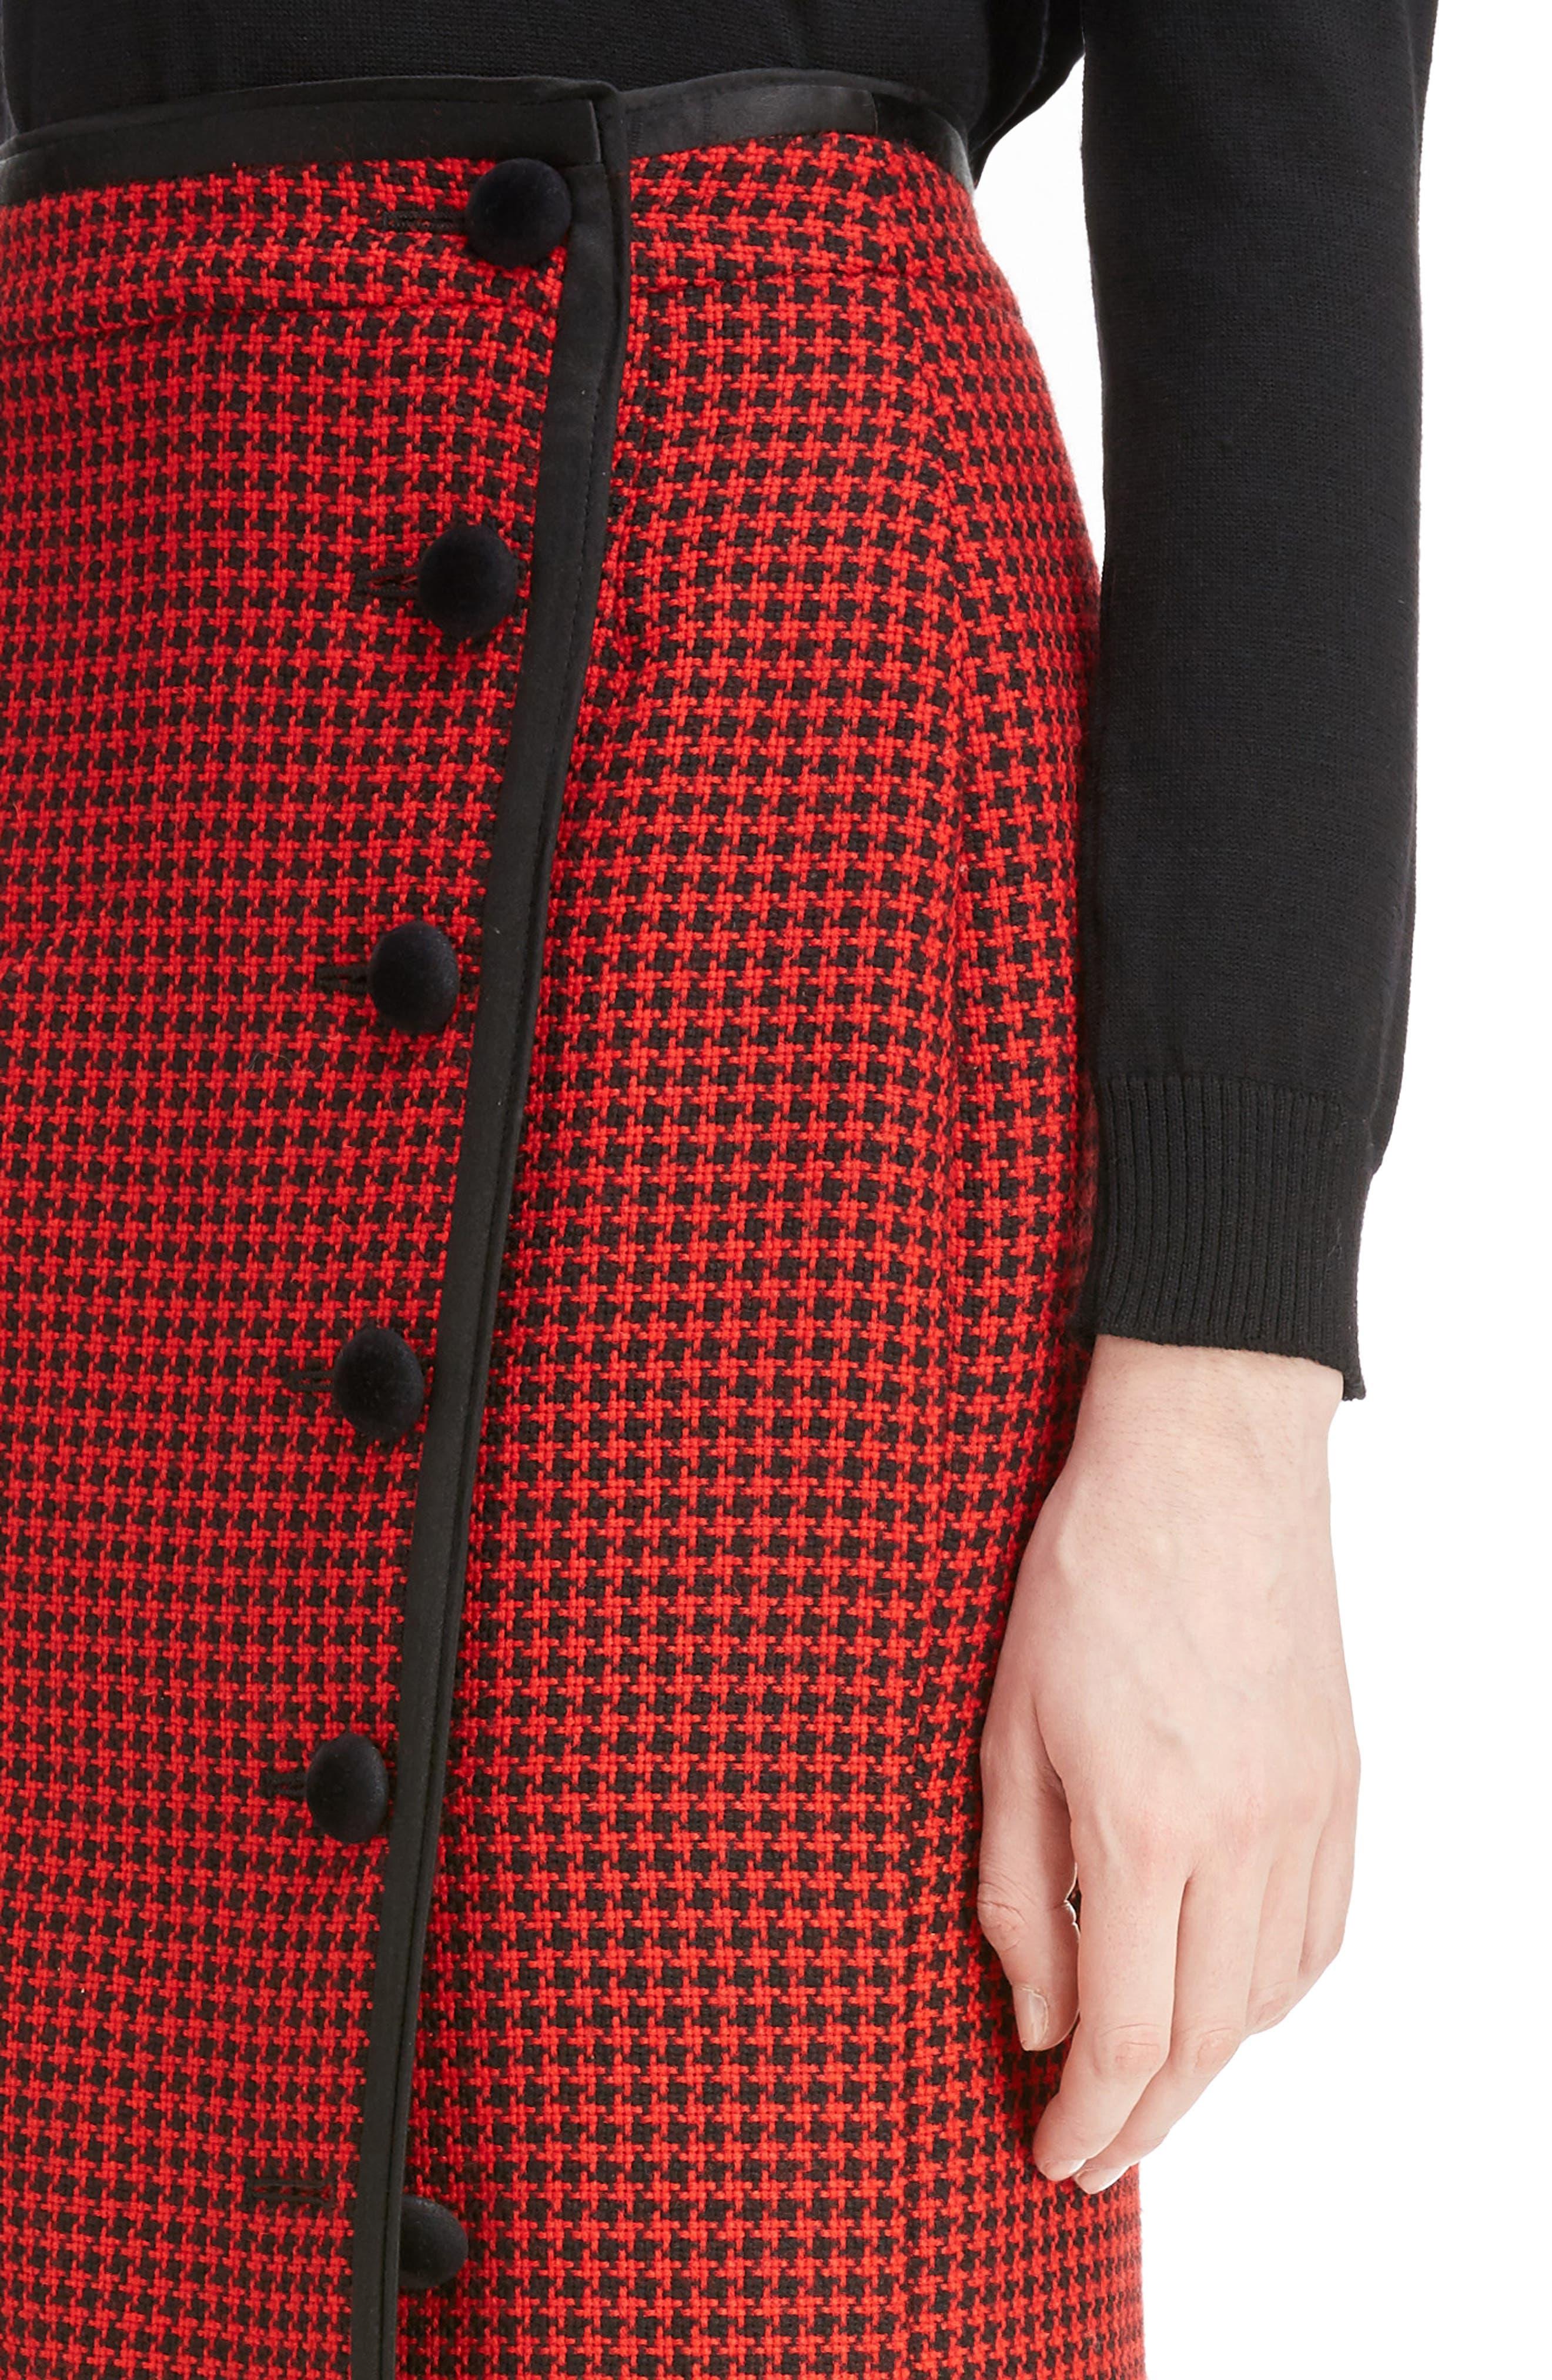 Christofor Houndstooth Wool Skirt,                             Alternate thumbnail 4, color,                             623